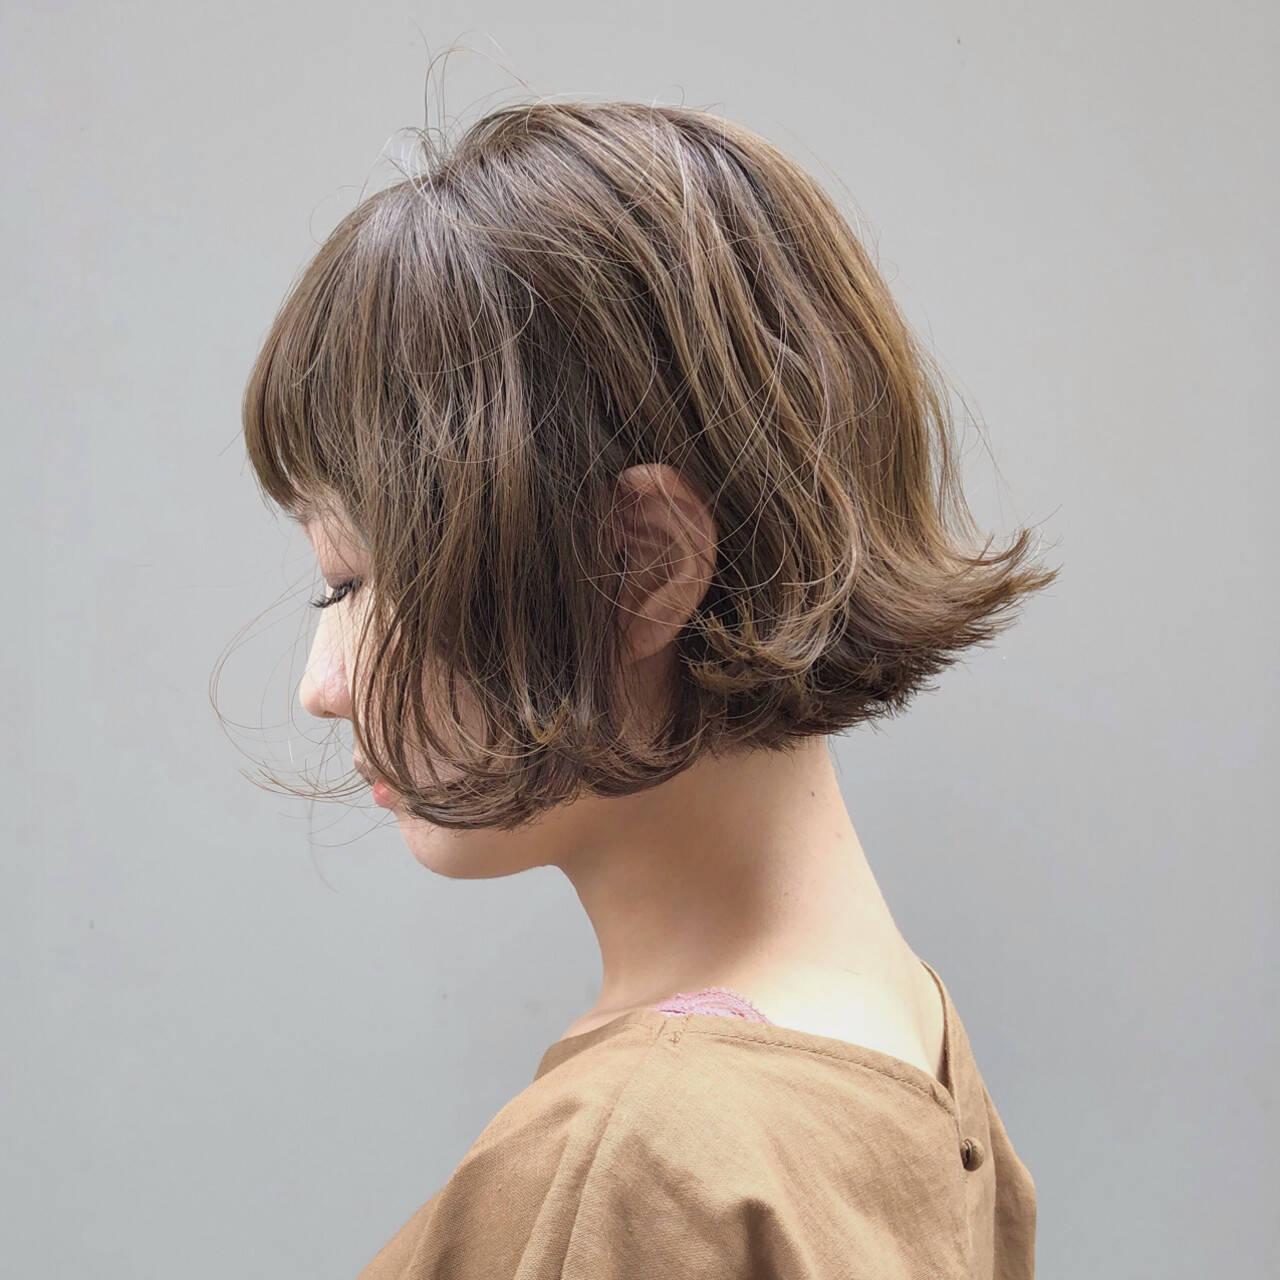 ベージュ ショートボブ 切りっぱなしボブ 波ウェーブヘアスタイルや髪型の写真・画像